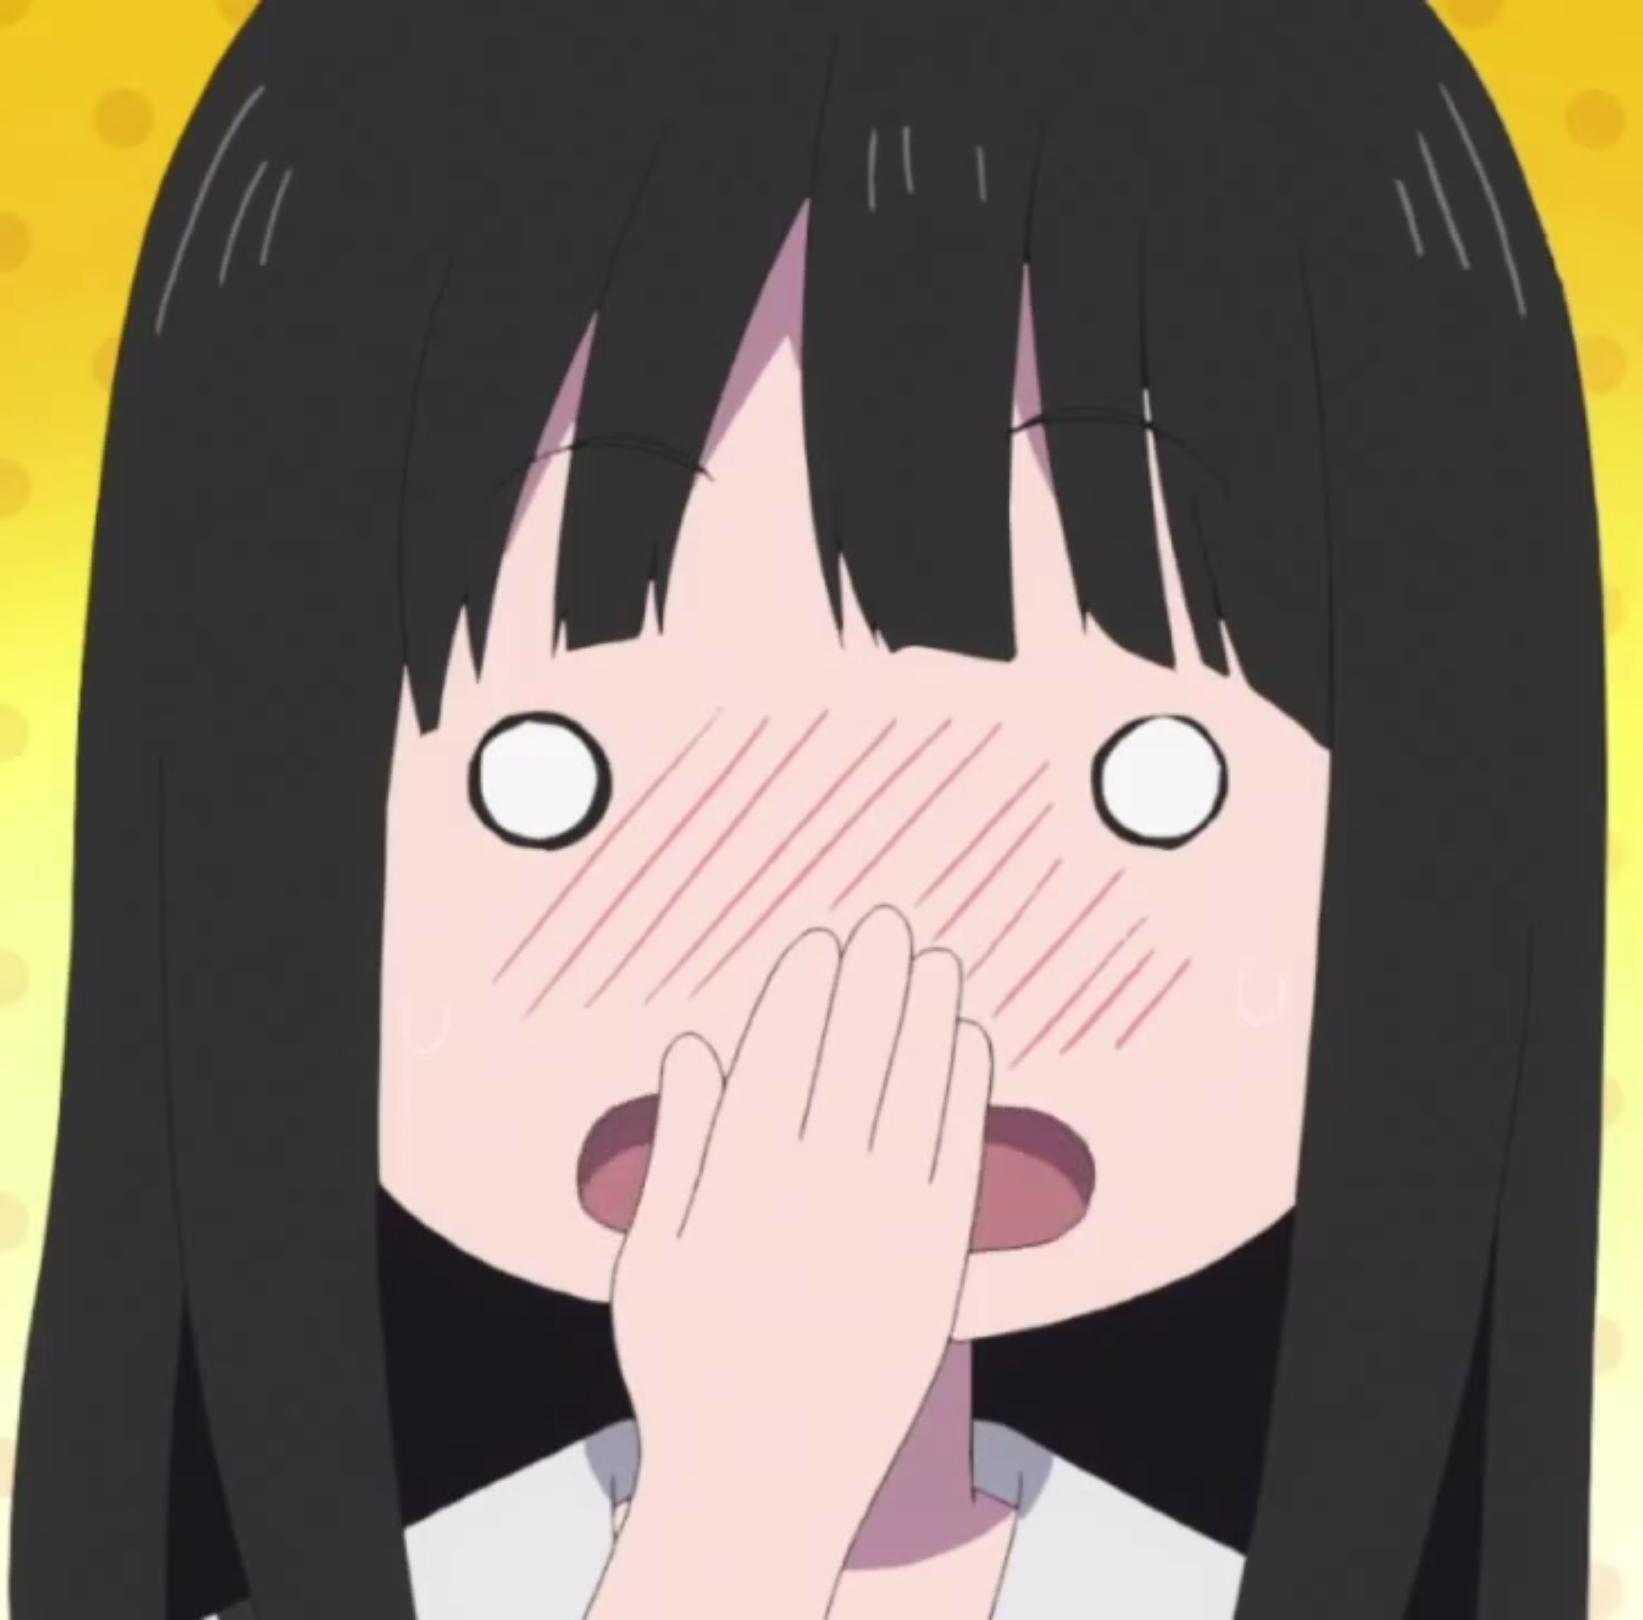 Anime Face Reaction Aesthetic Memes Meme Animemes Animeme Kawaii Funny Anime Face React In 2020 Anime Expressions Aesthetic Anime Anime Faces Expressions